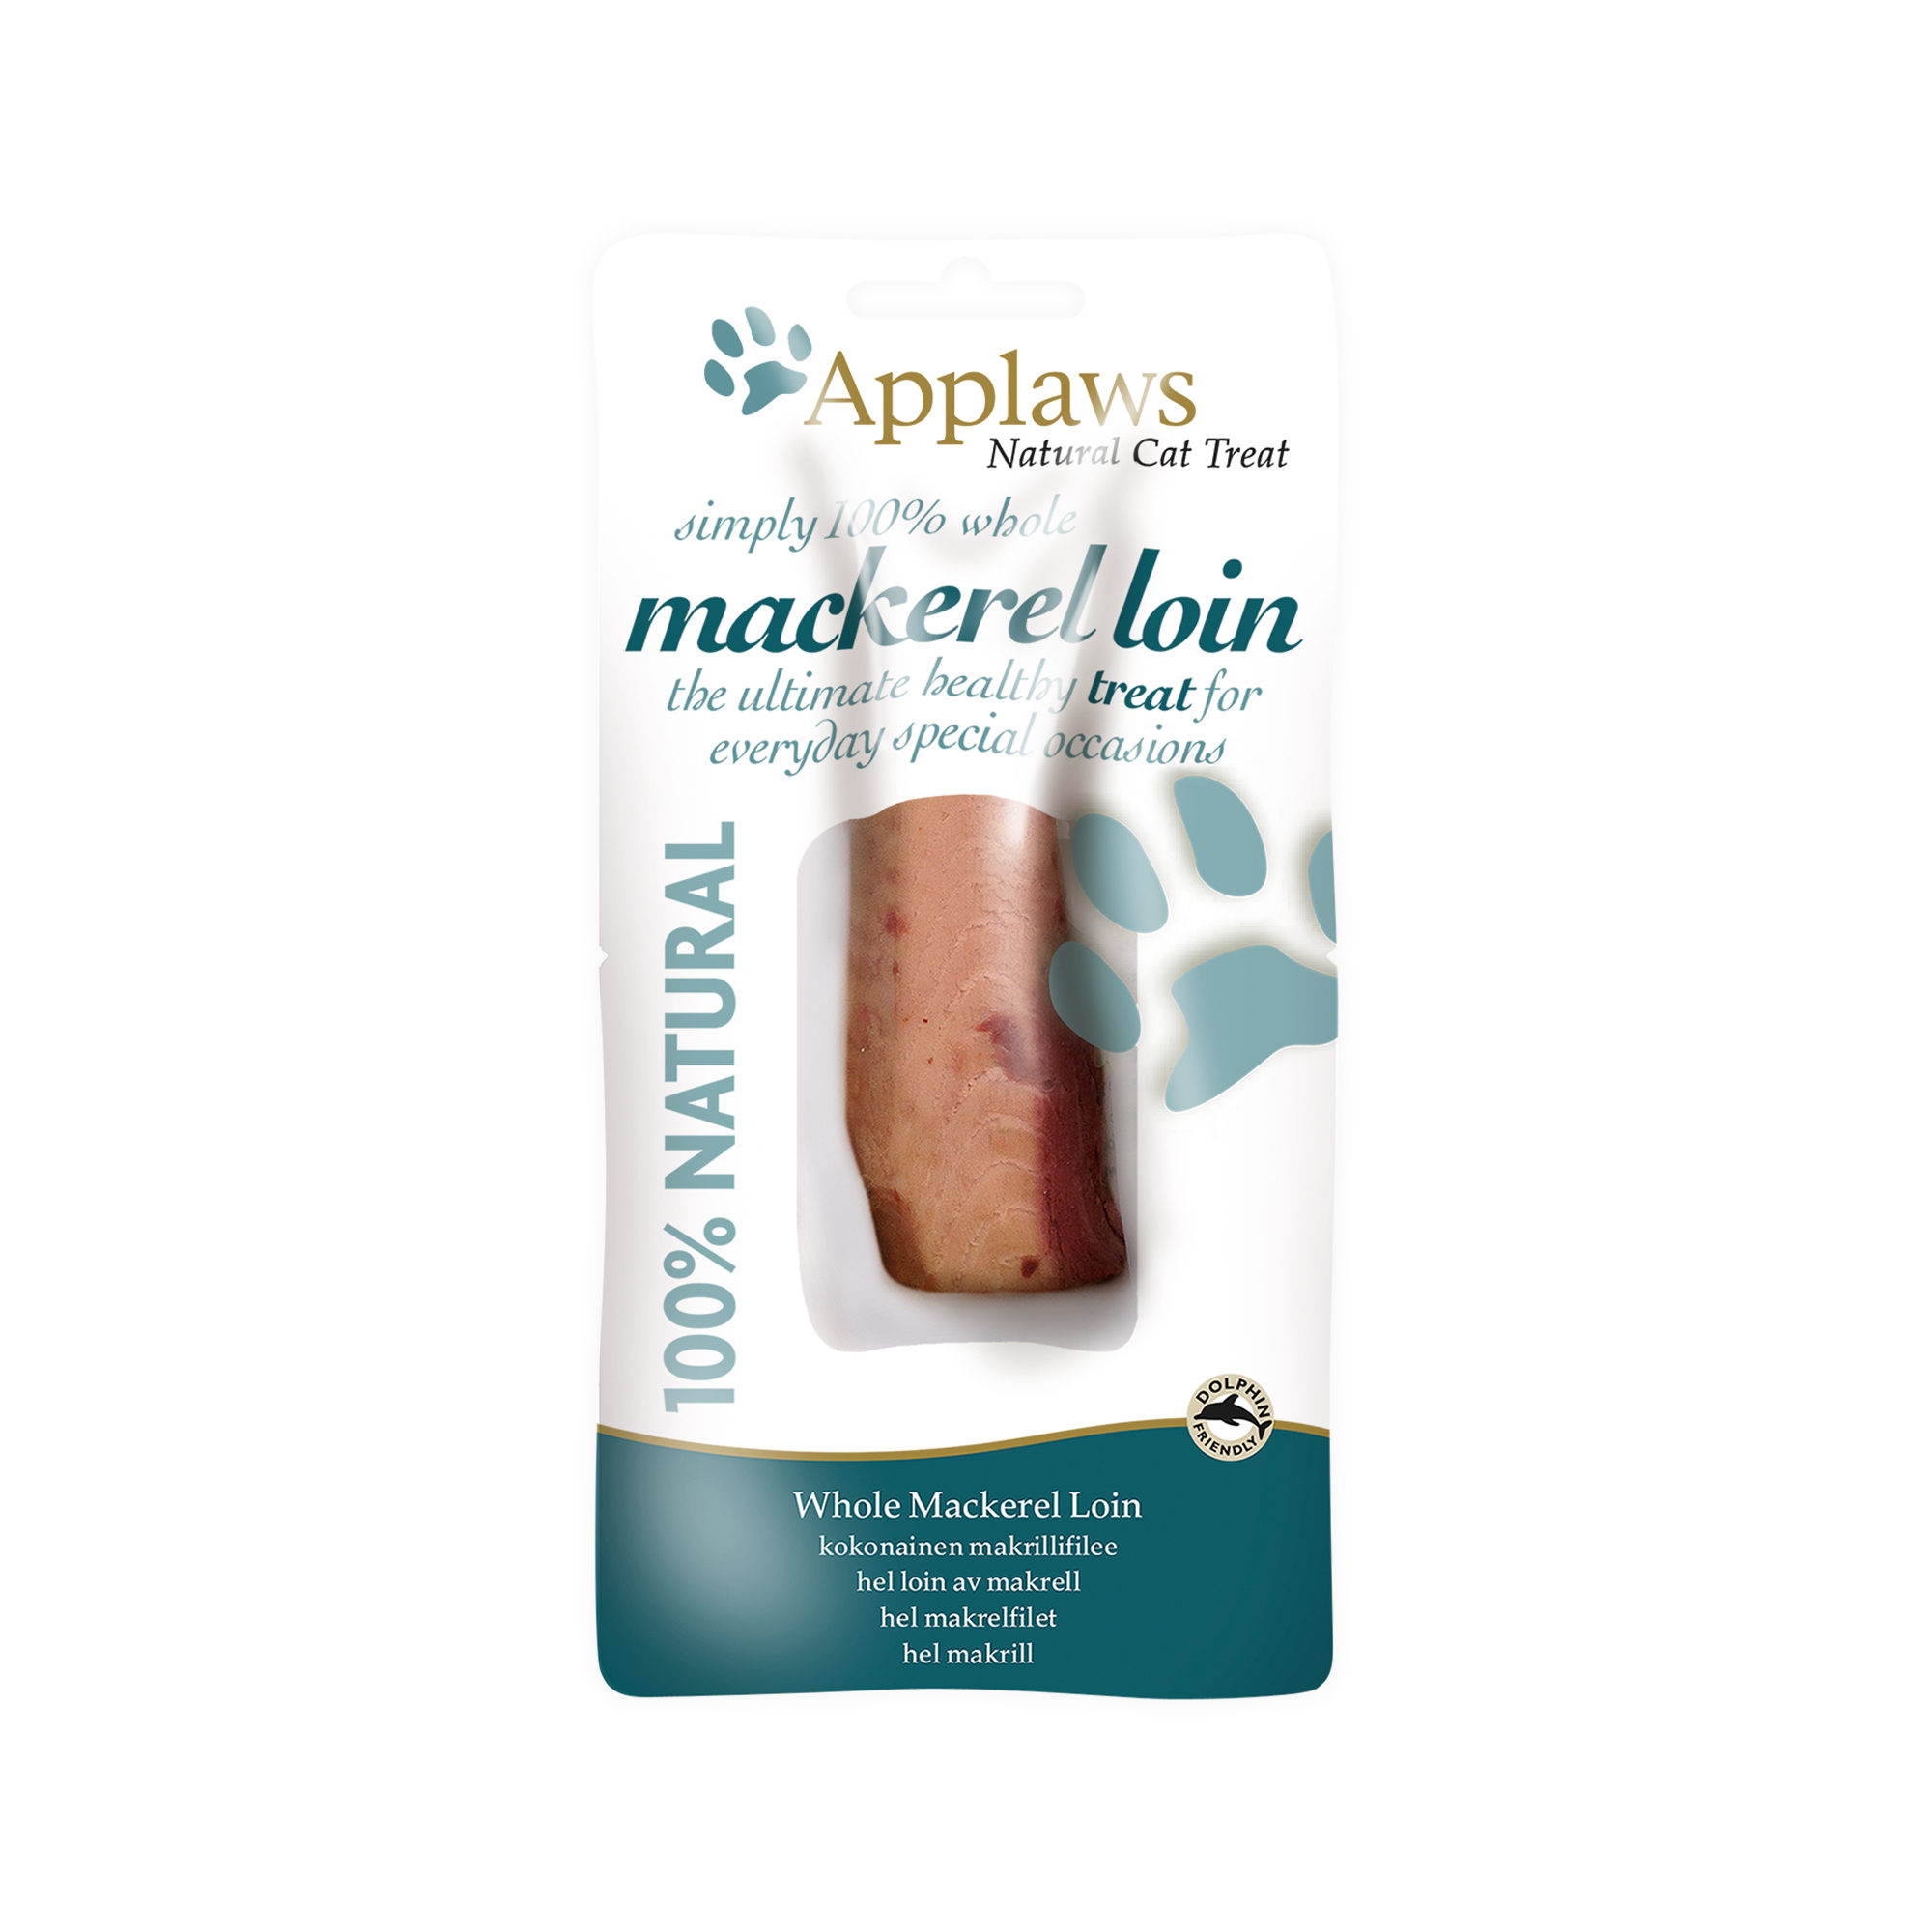 Applaws Mackerel Loin - 12 x 30 g